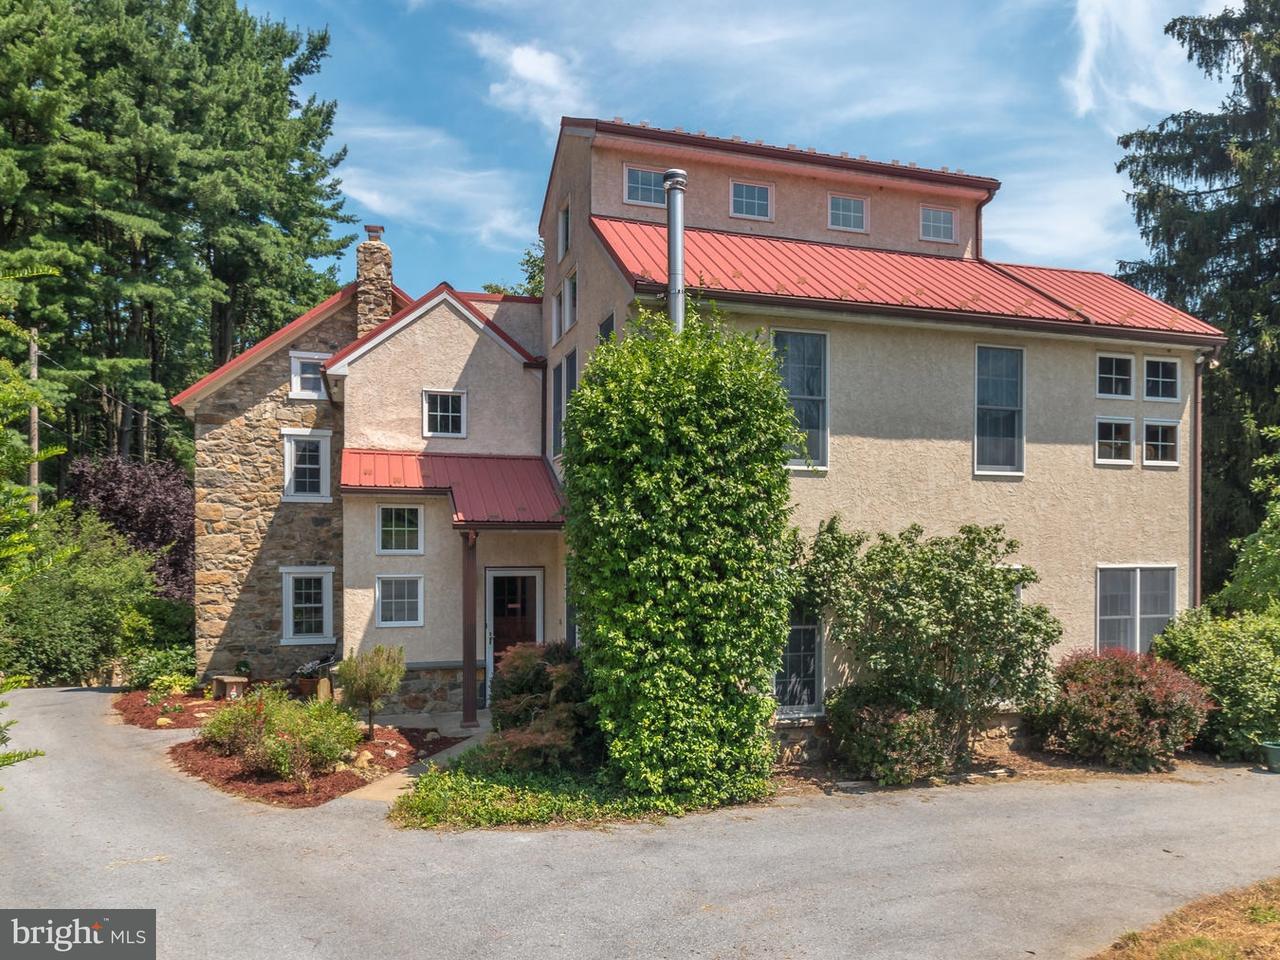 Частный односемейный дом для того Продажа на 174 GROFF Road Bechtelsville, Пенсильвания 19505 Соединенные Штаты